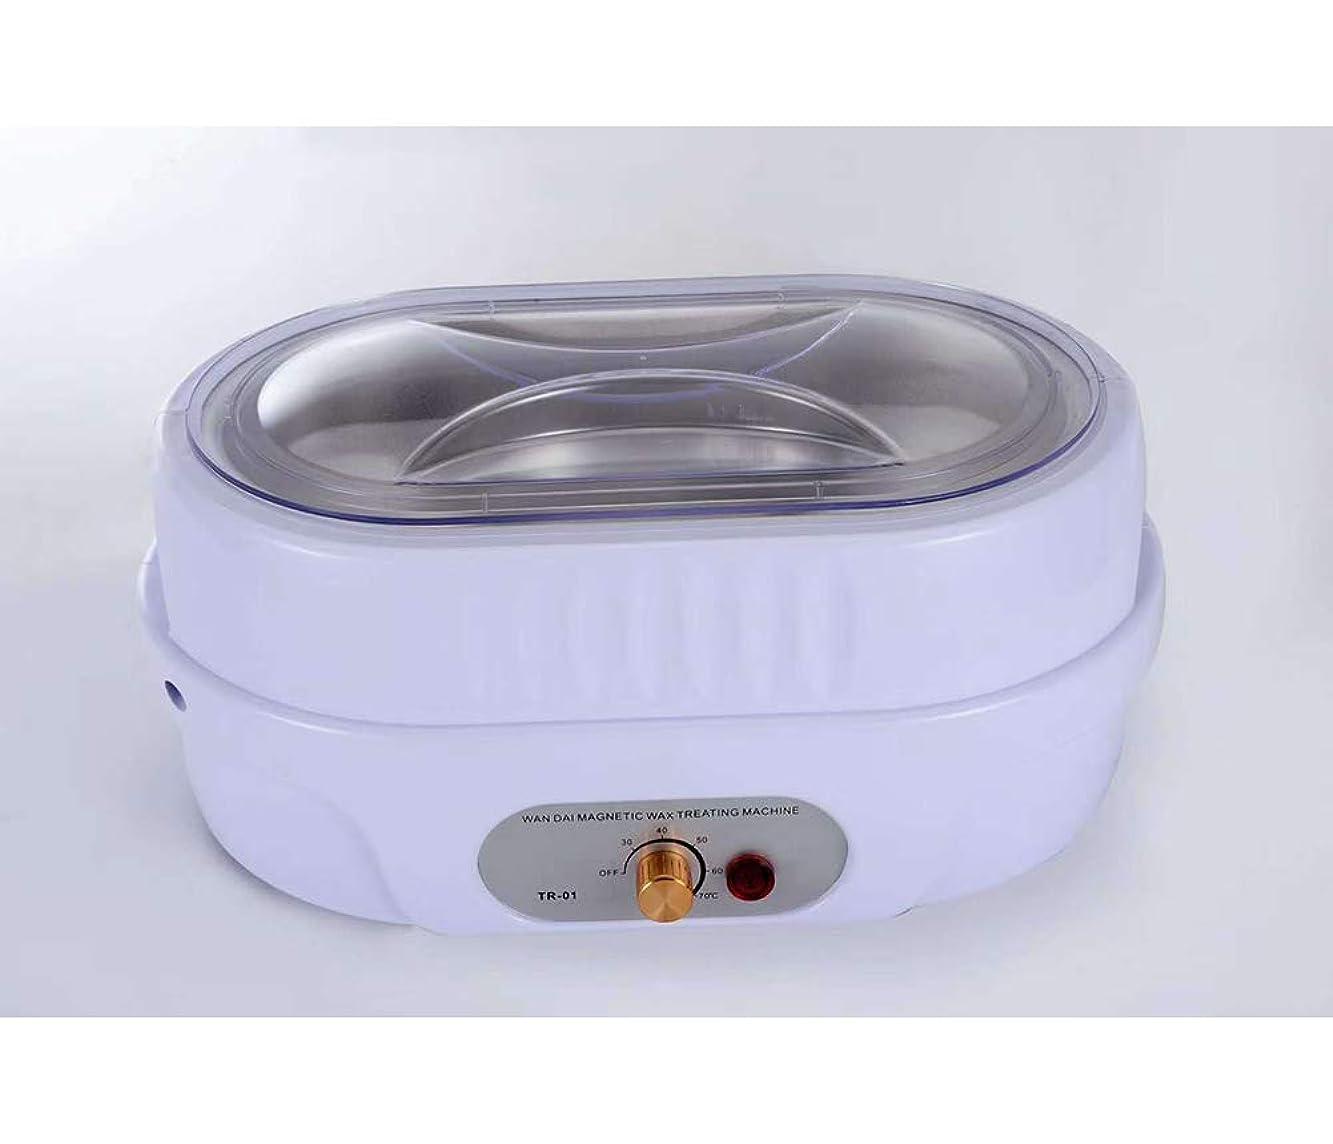 ヒギンズ長さケニアパラフィンワックスのヒーターの皮の処置機械高容量の毛の取り外しのパラフィン暖房の鍋のワックスのウォーマーセット